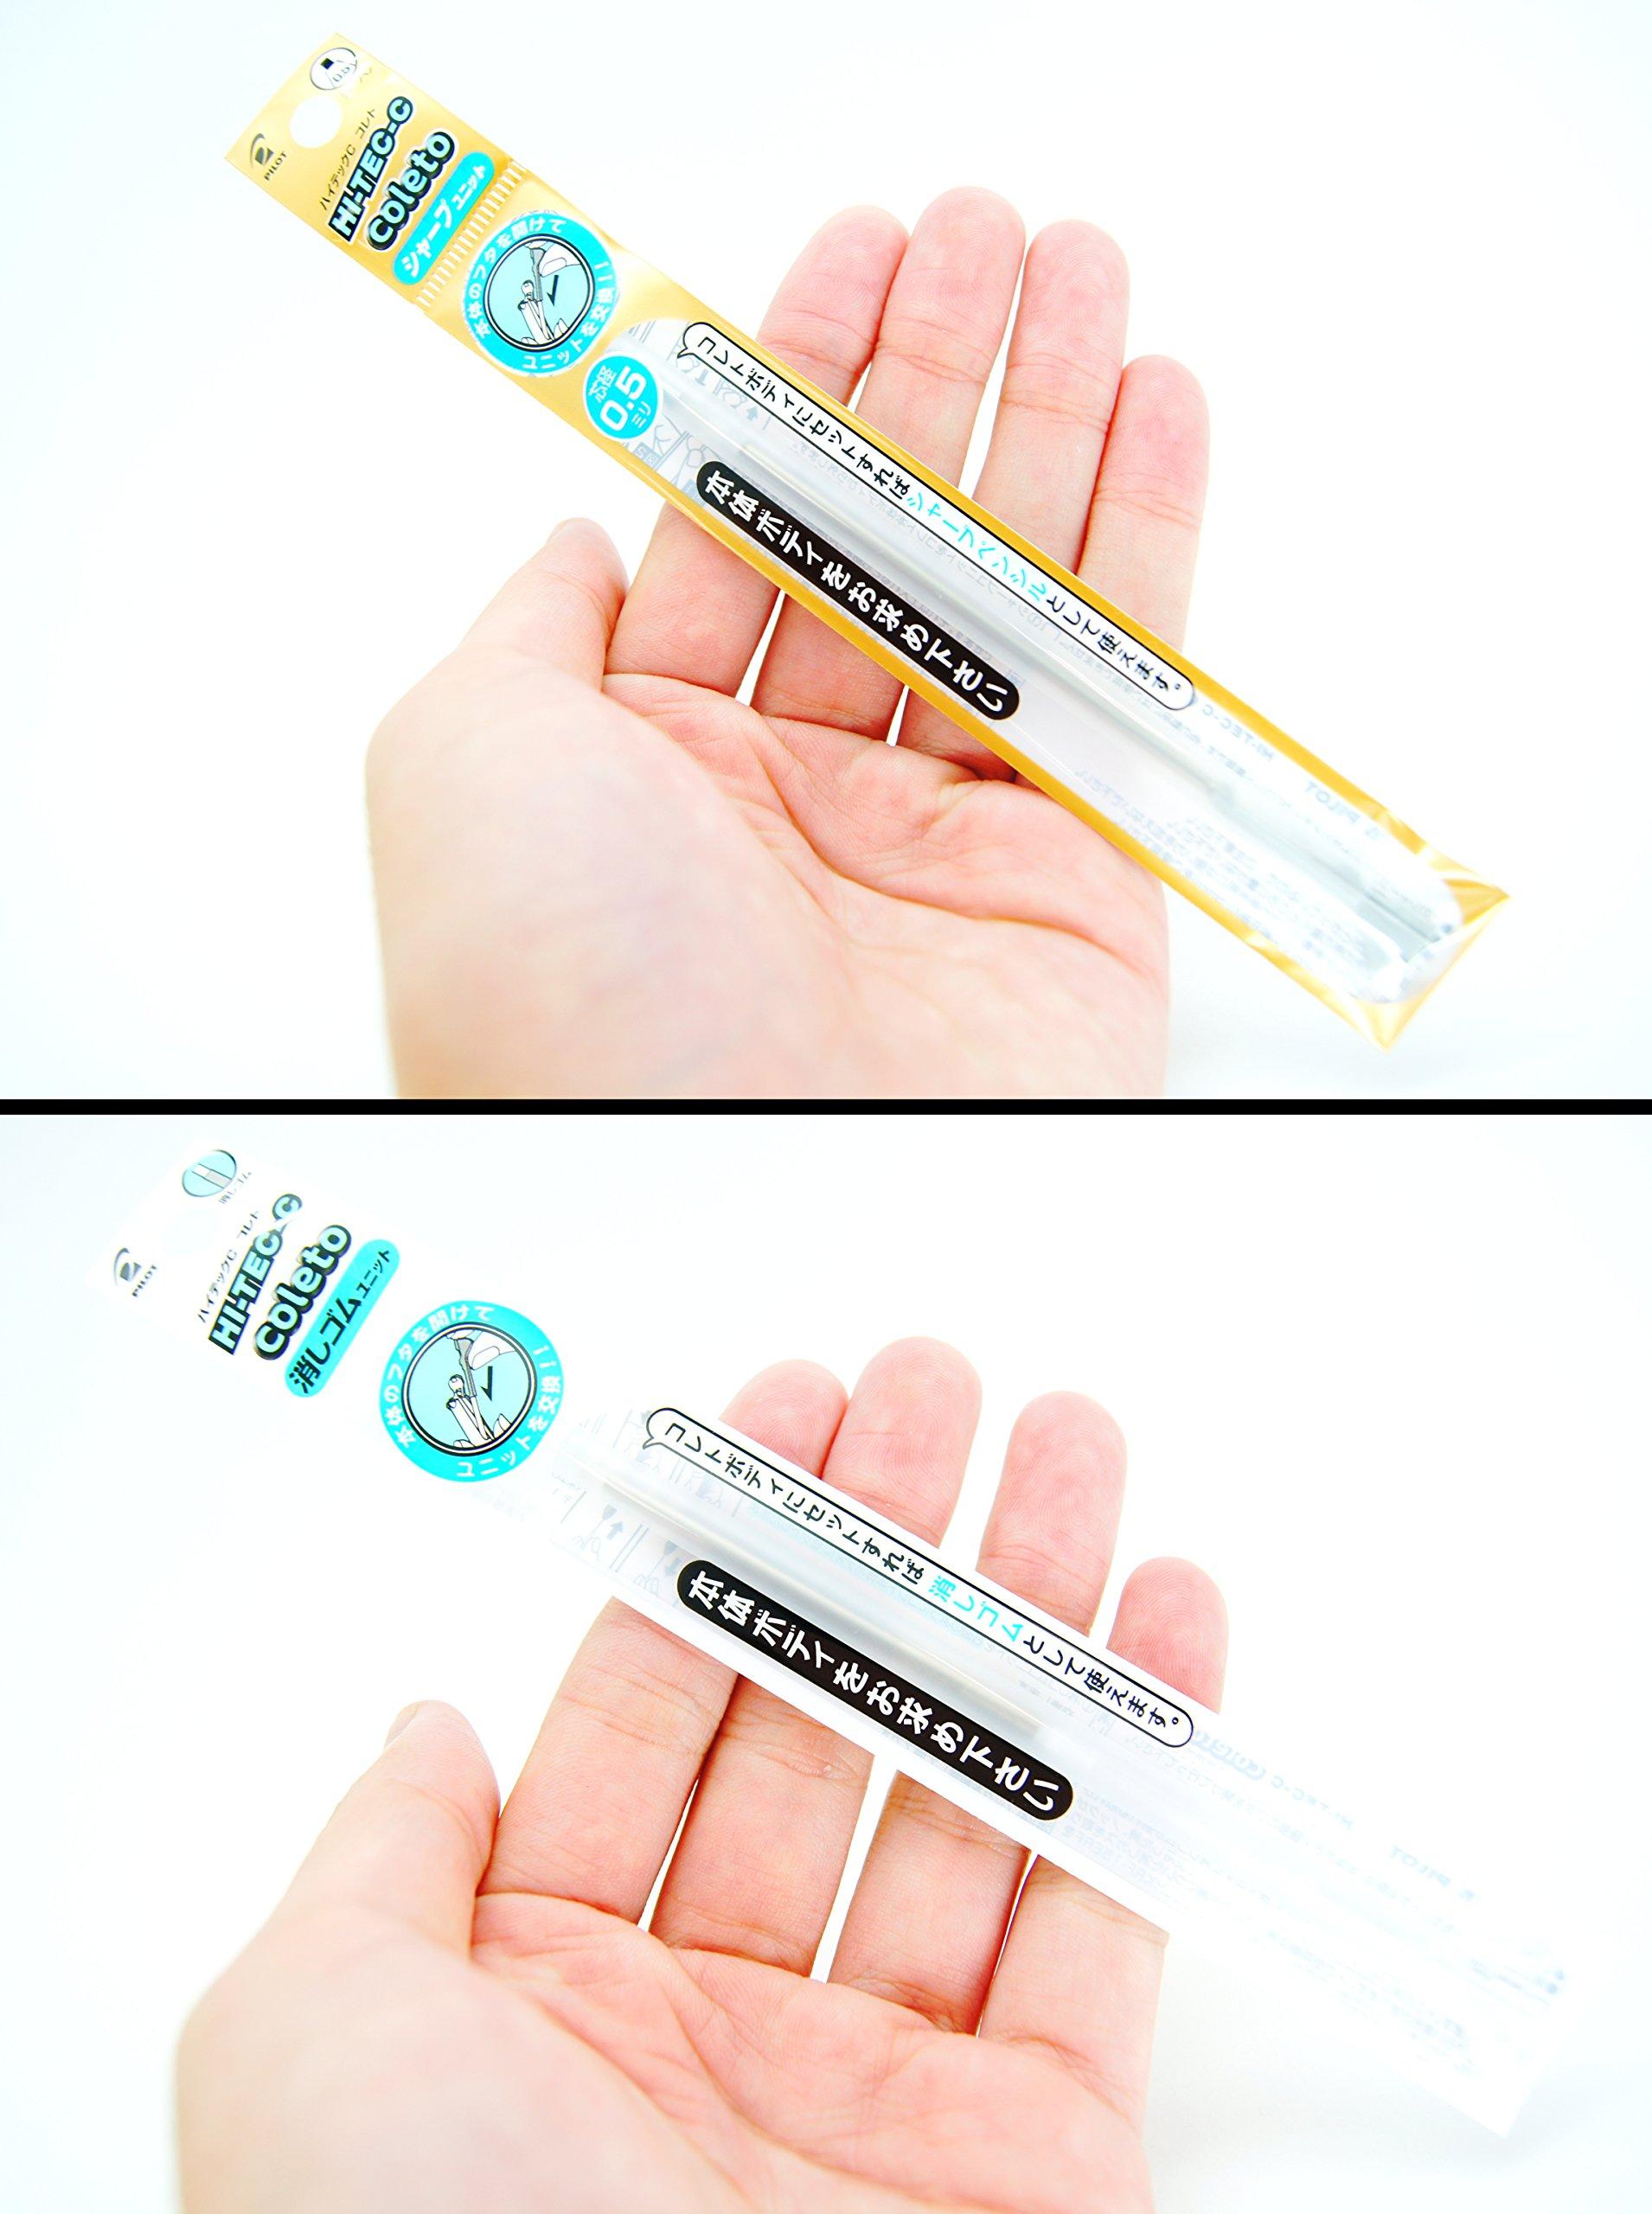 Pilot Hi-tec-c Coleto Gel Ink Pen 0.5mm 15 Color Refills, Mechanical Pencil Unit for 0.5mm Lead, Eraser Unit, Sticky Notes Value Set by Stationery JP (Image #7)